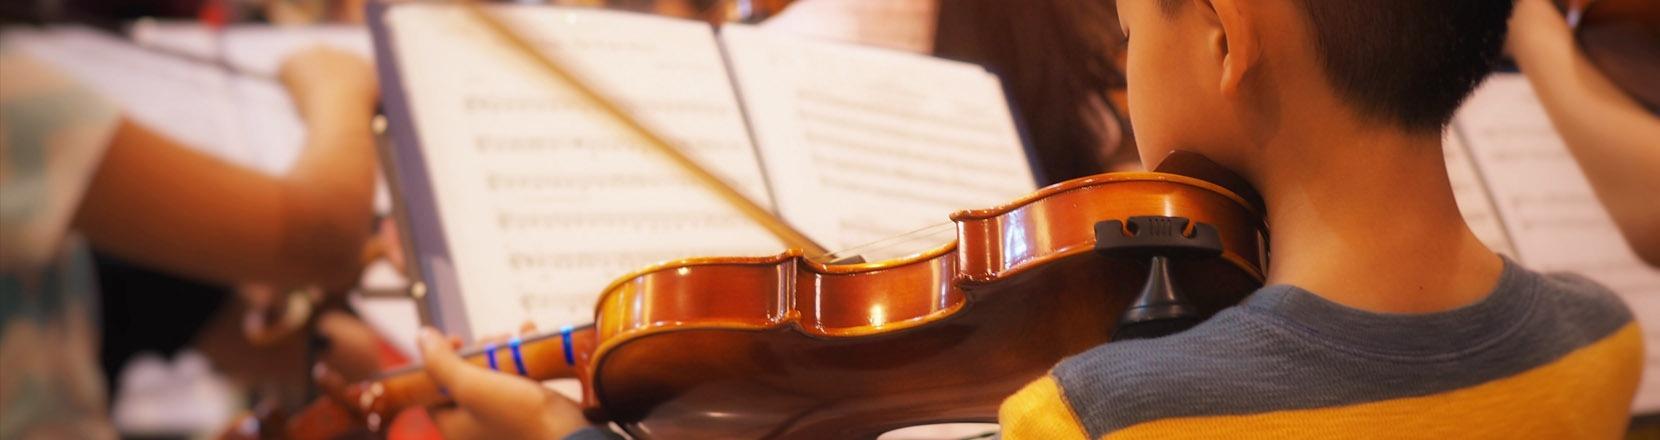 Bambino che suona il violino